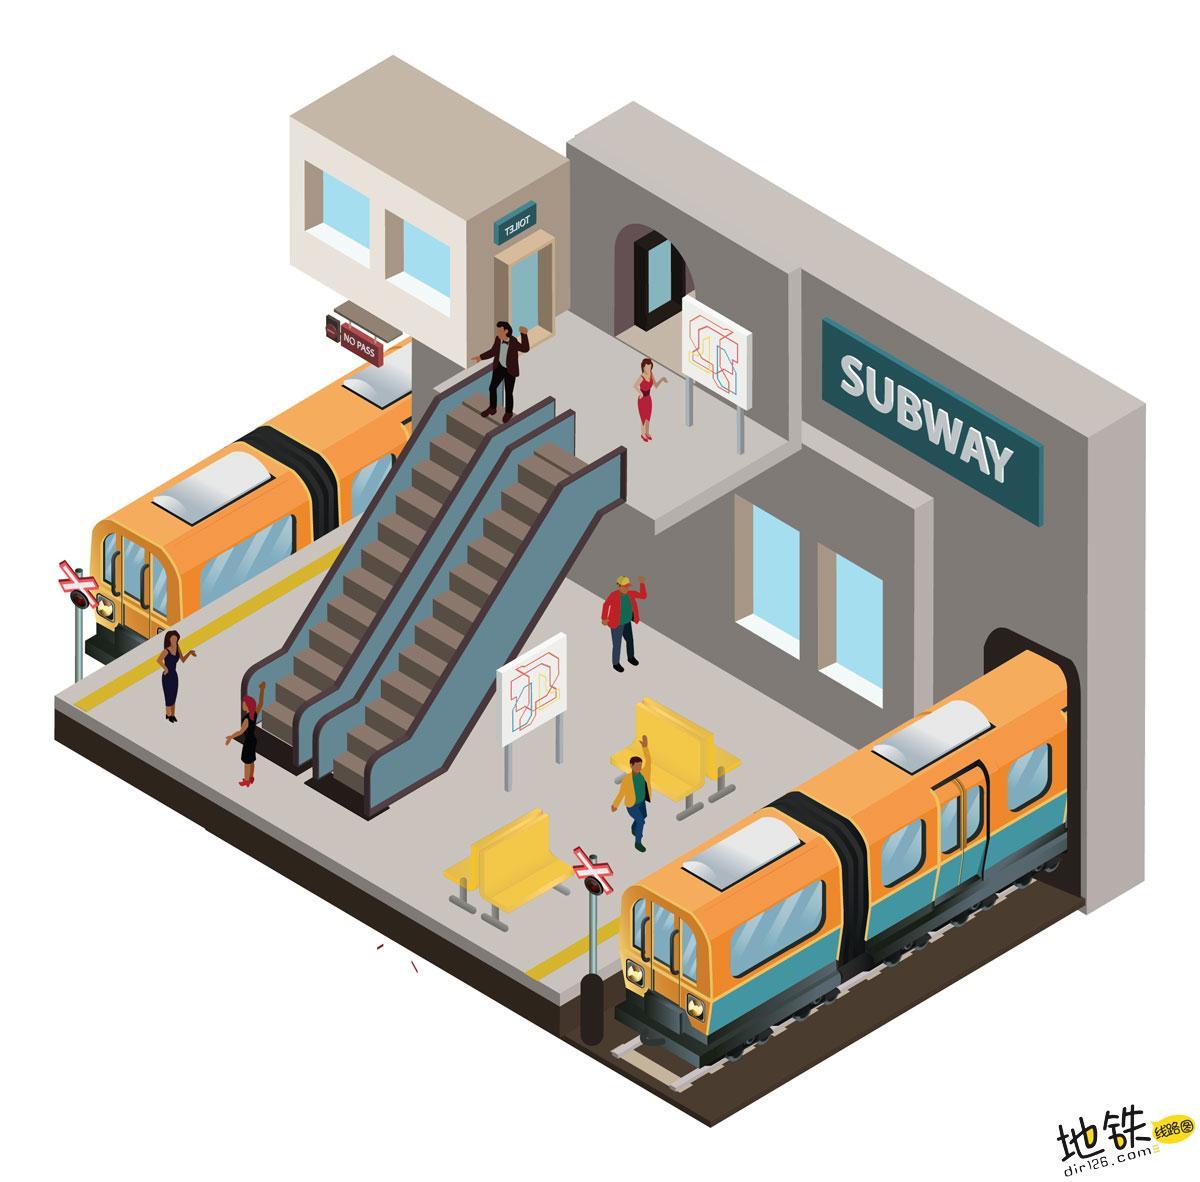 为什么地铁有时候开这边车门,有时候开另一边车门呢?